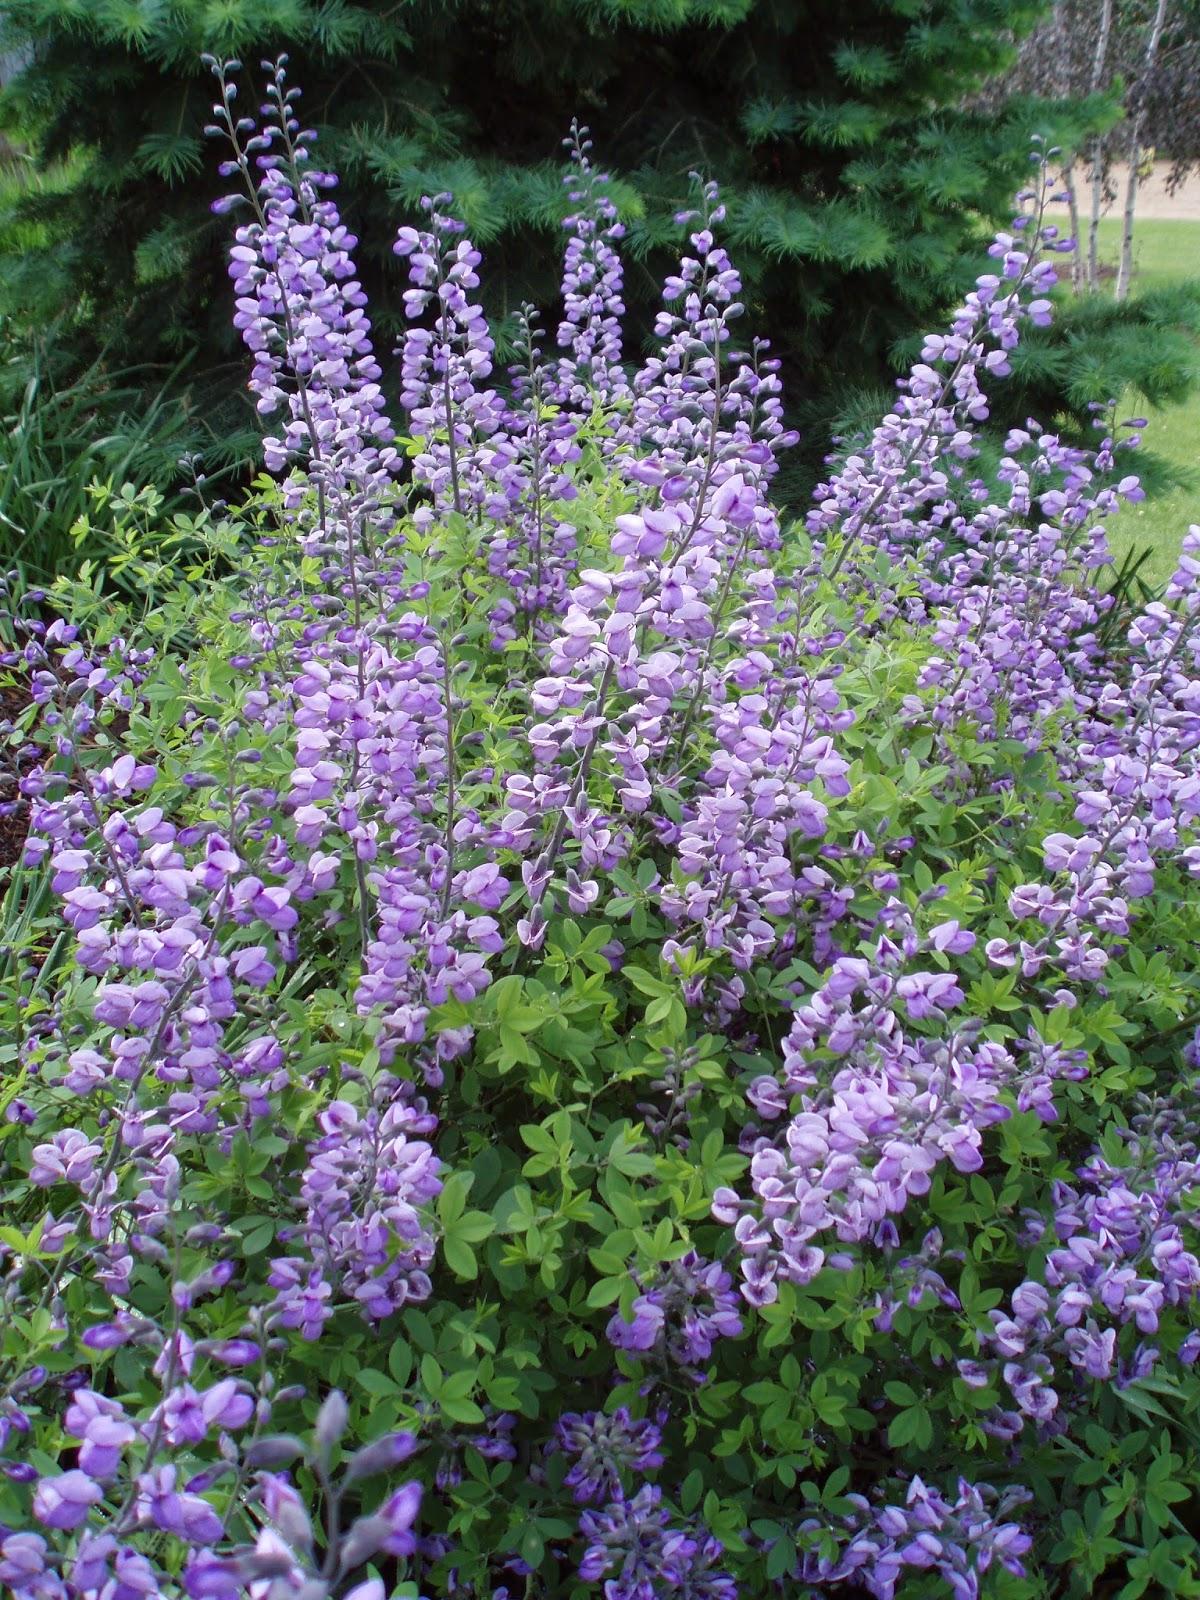 Rotary botanical gardens hort blog for Purple flowering shrubs identification